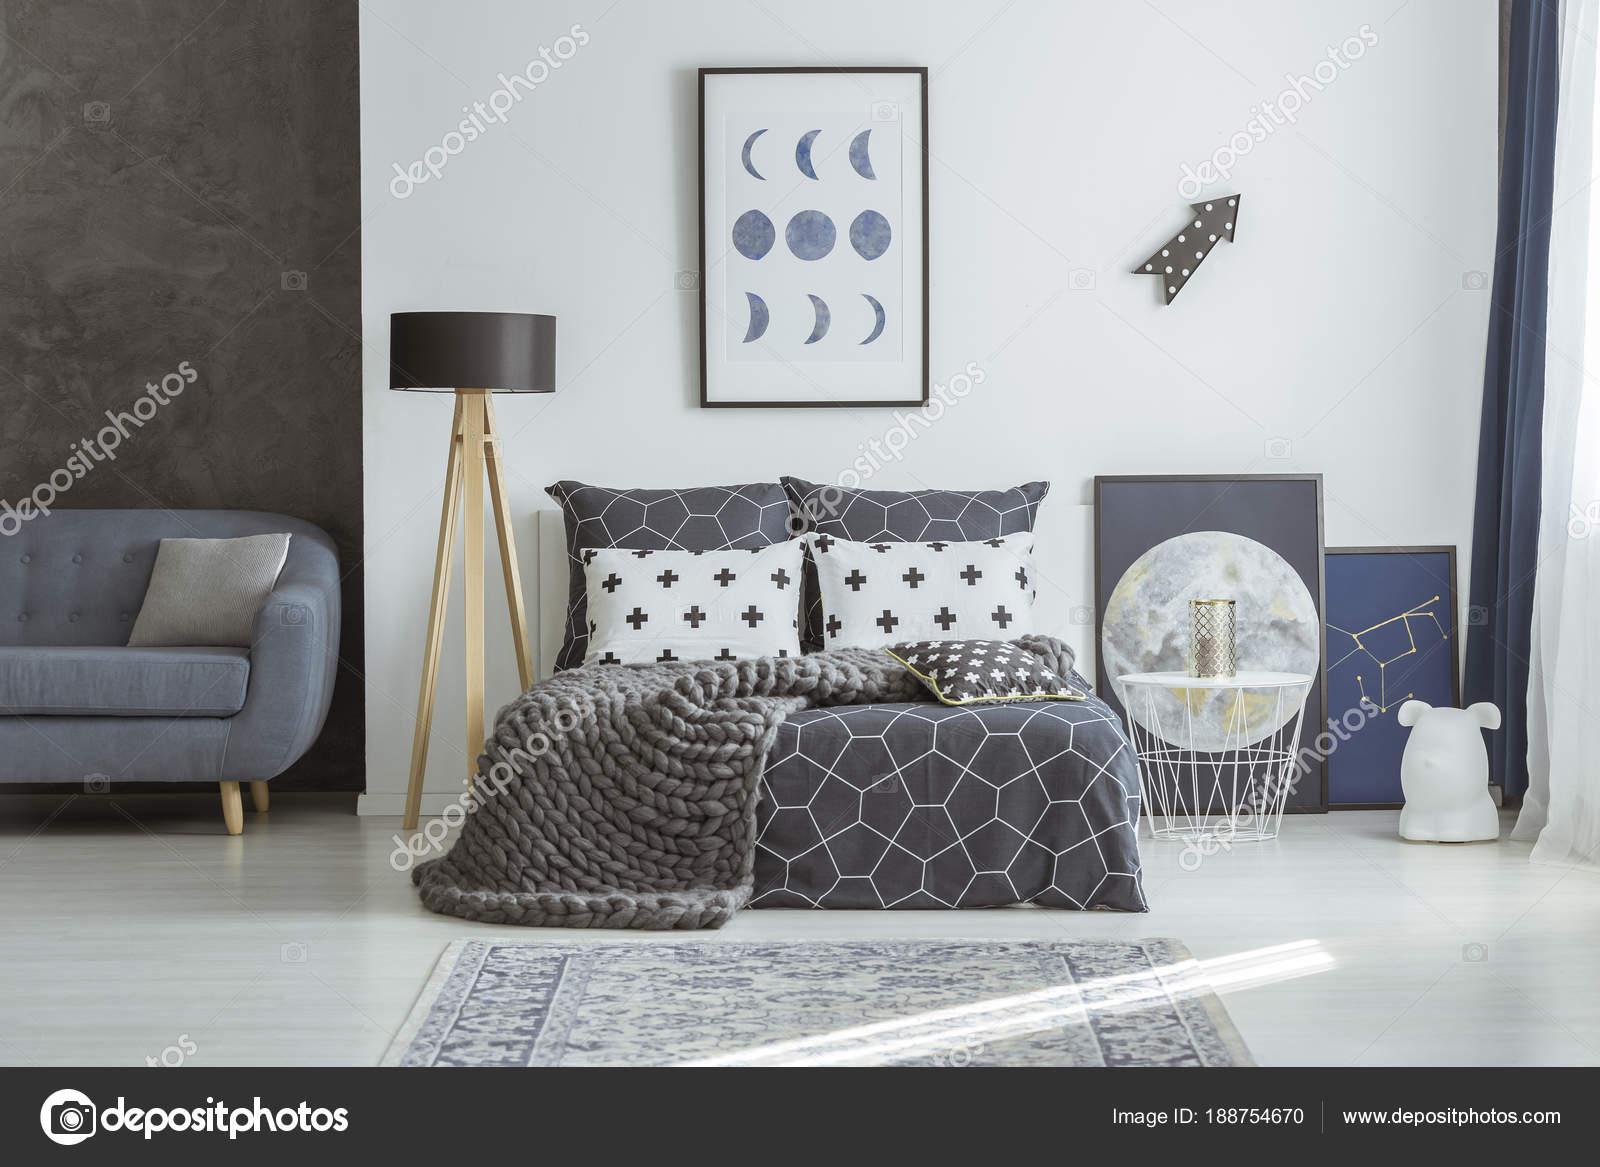 Canapé Contre Un Mur Noir Dans Lu0027intérieur De La Chambre Bleu Marine Avec  Couverture Tricot Sur Lit à Côté Du0027une Affiche De Lune U2014 Image De ...